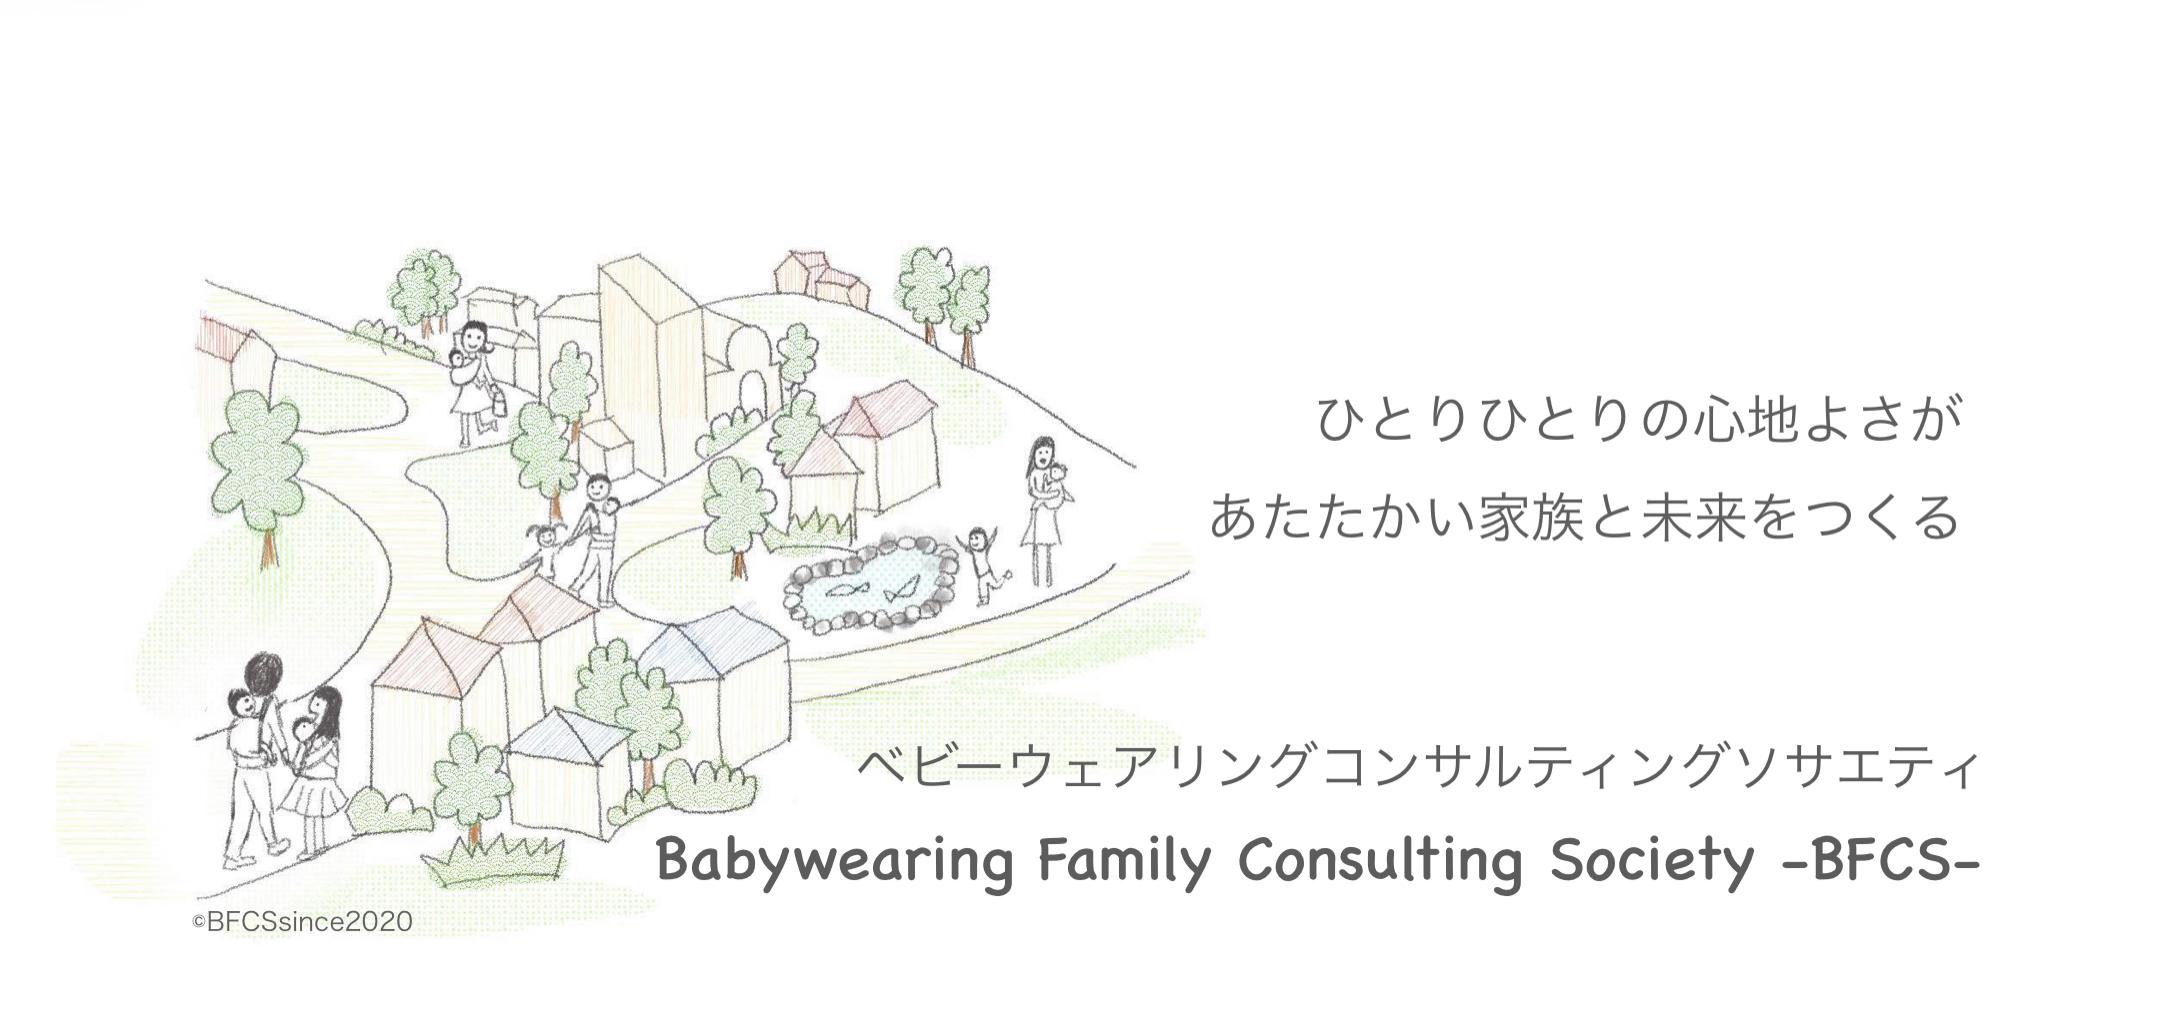 ベビーウェアリングコンサルティング研究会